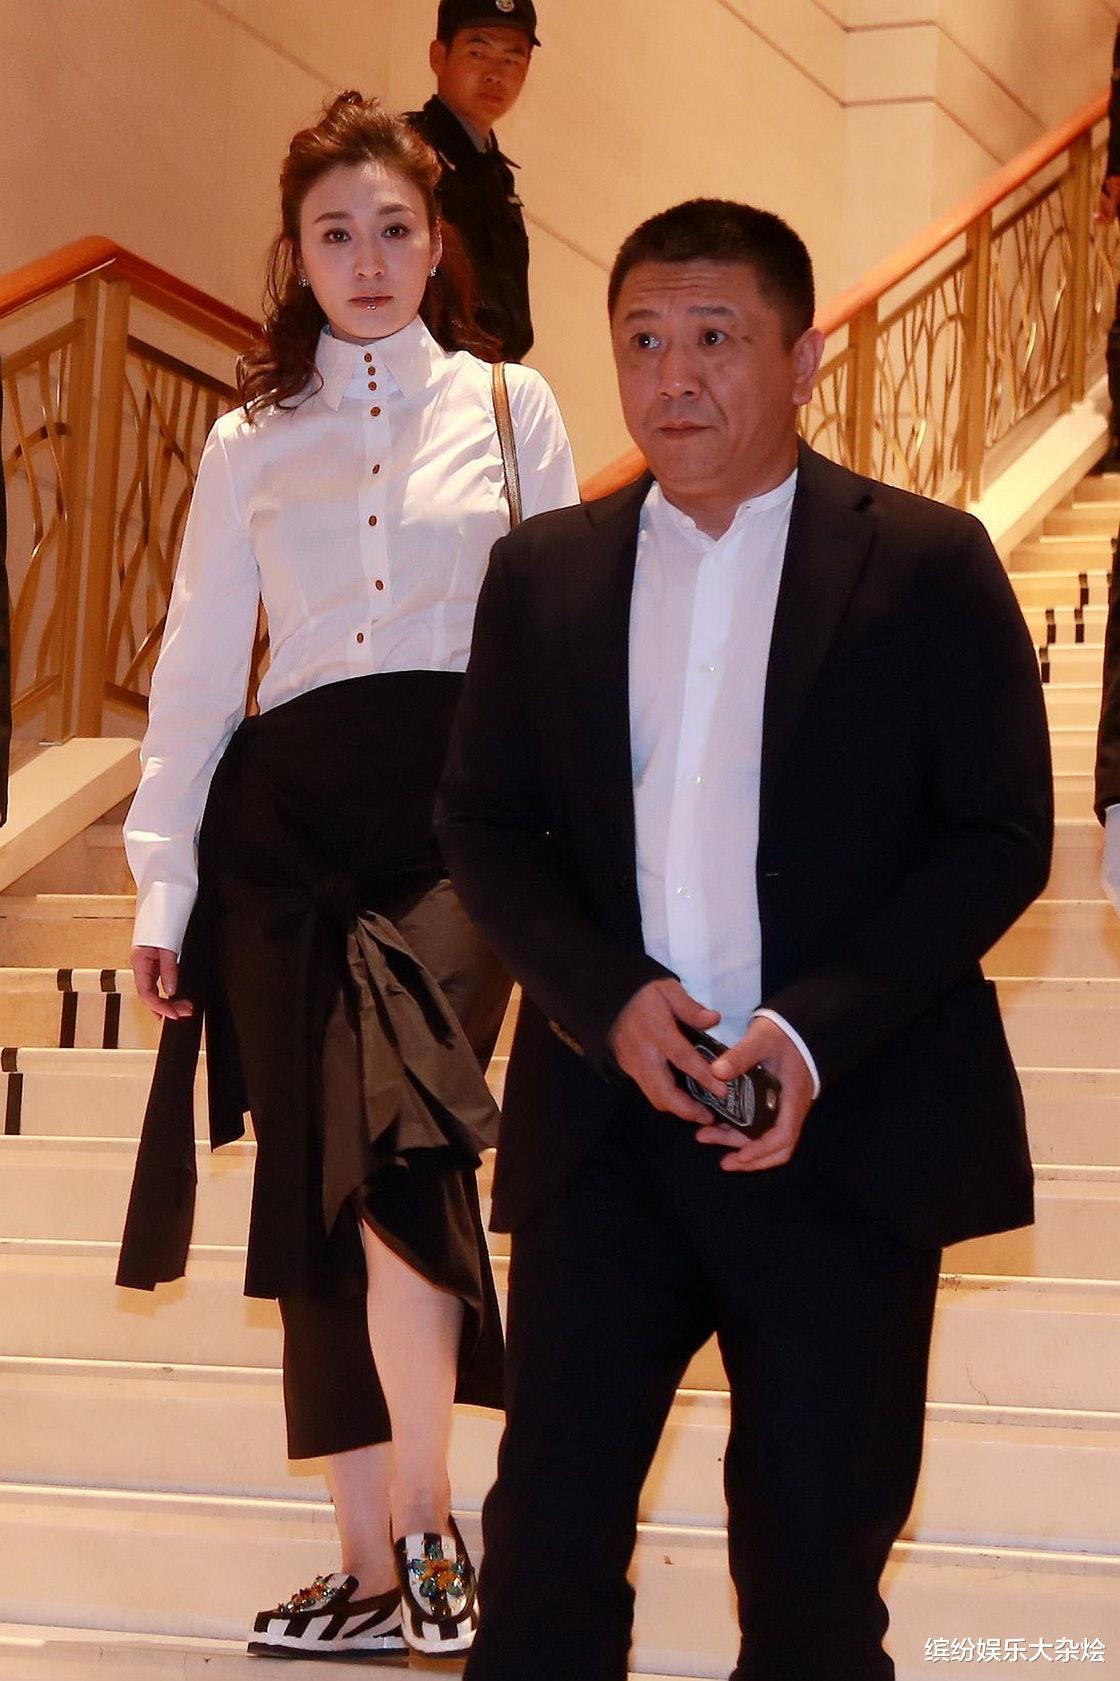 庆余年:长公主原来是豪门少奶,李小冉丈夫原来极有背景